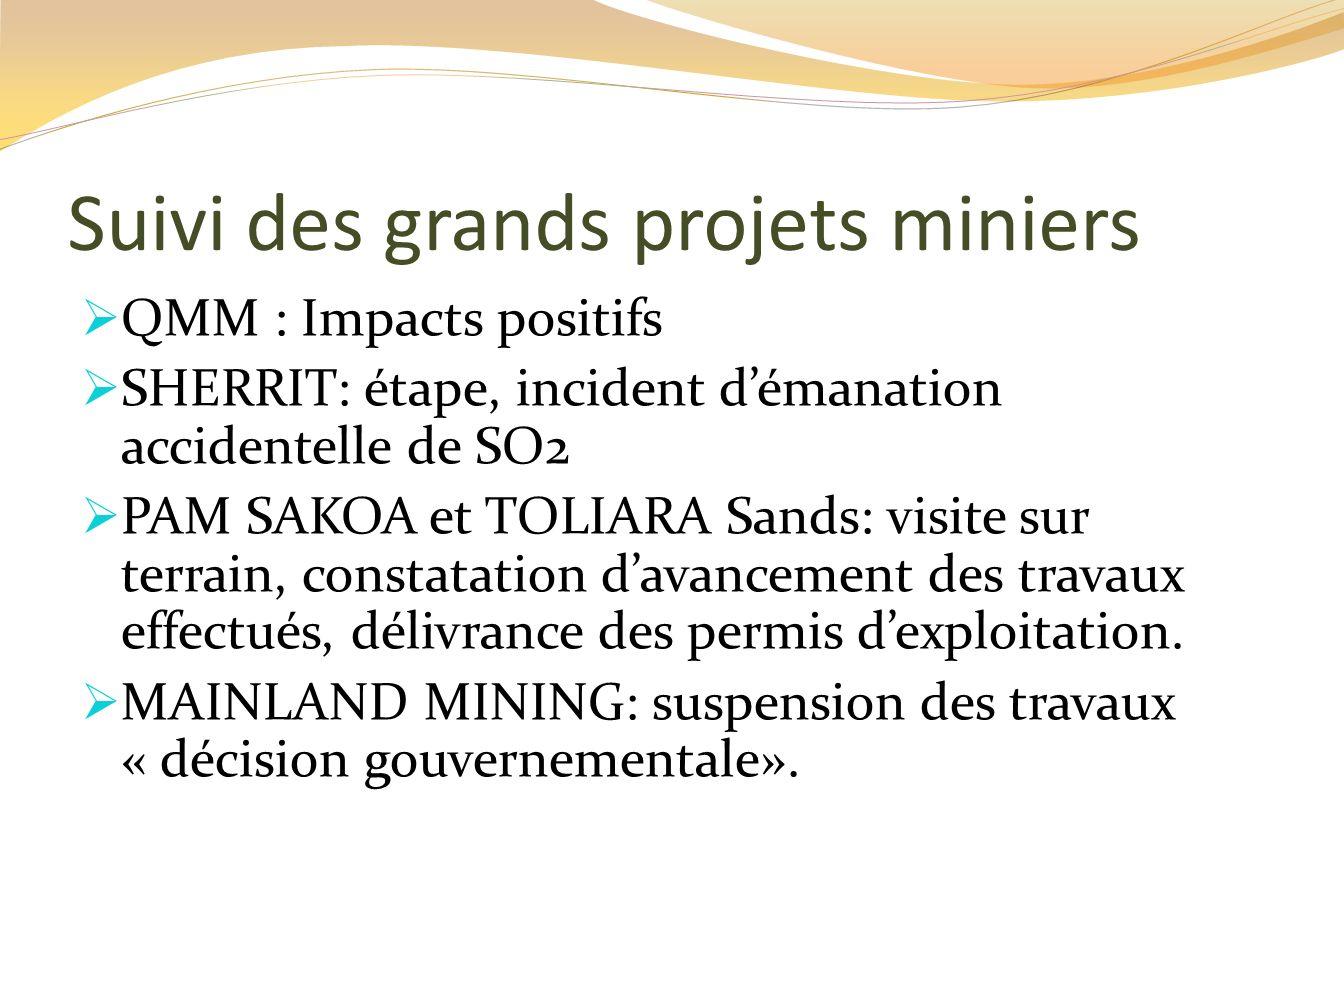 Suivi des grands projets miniers